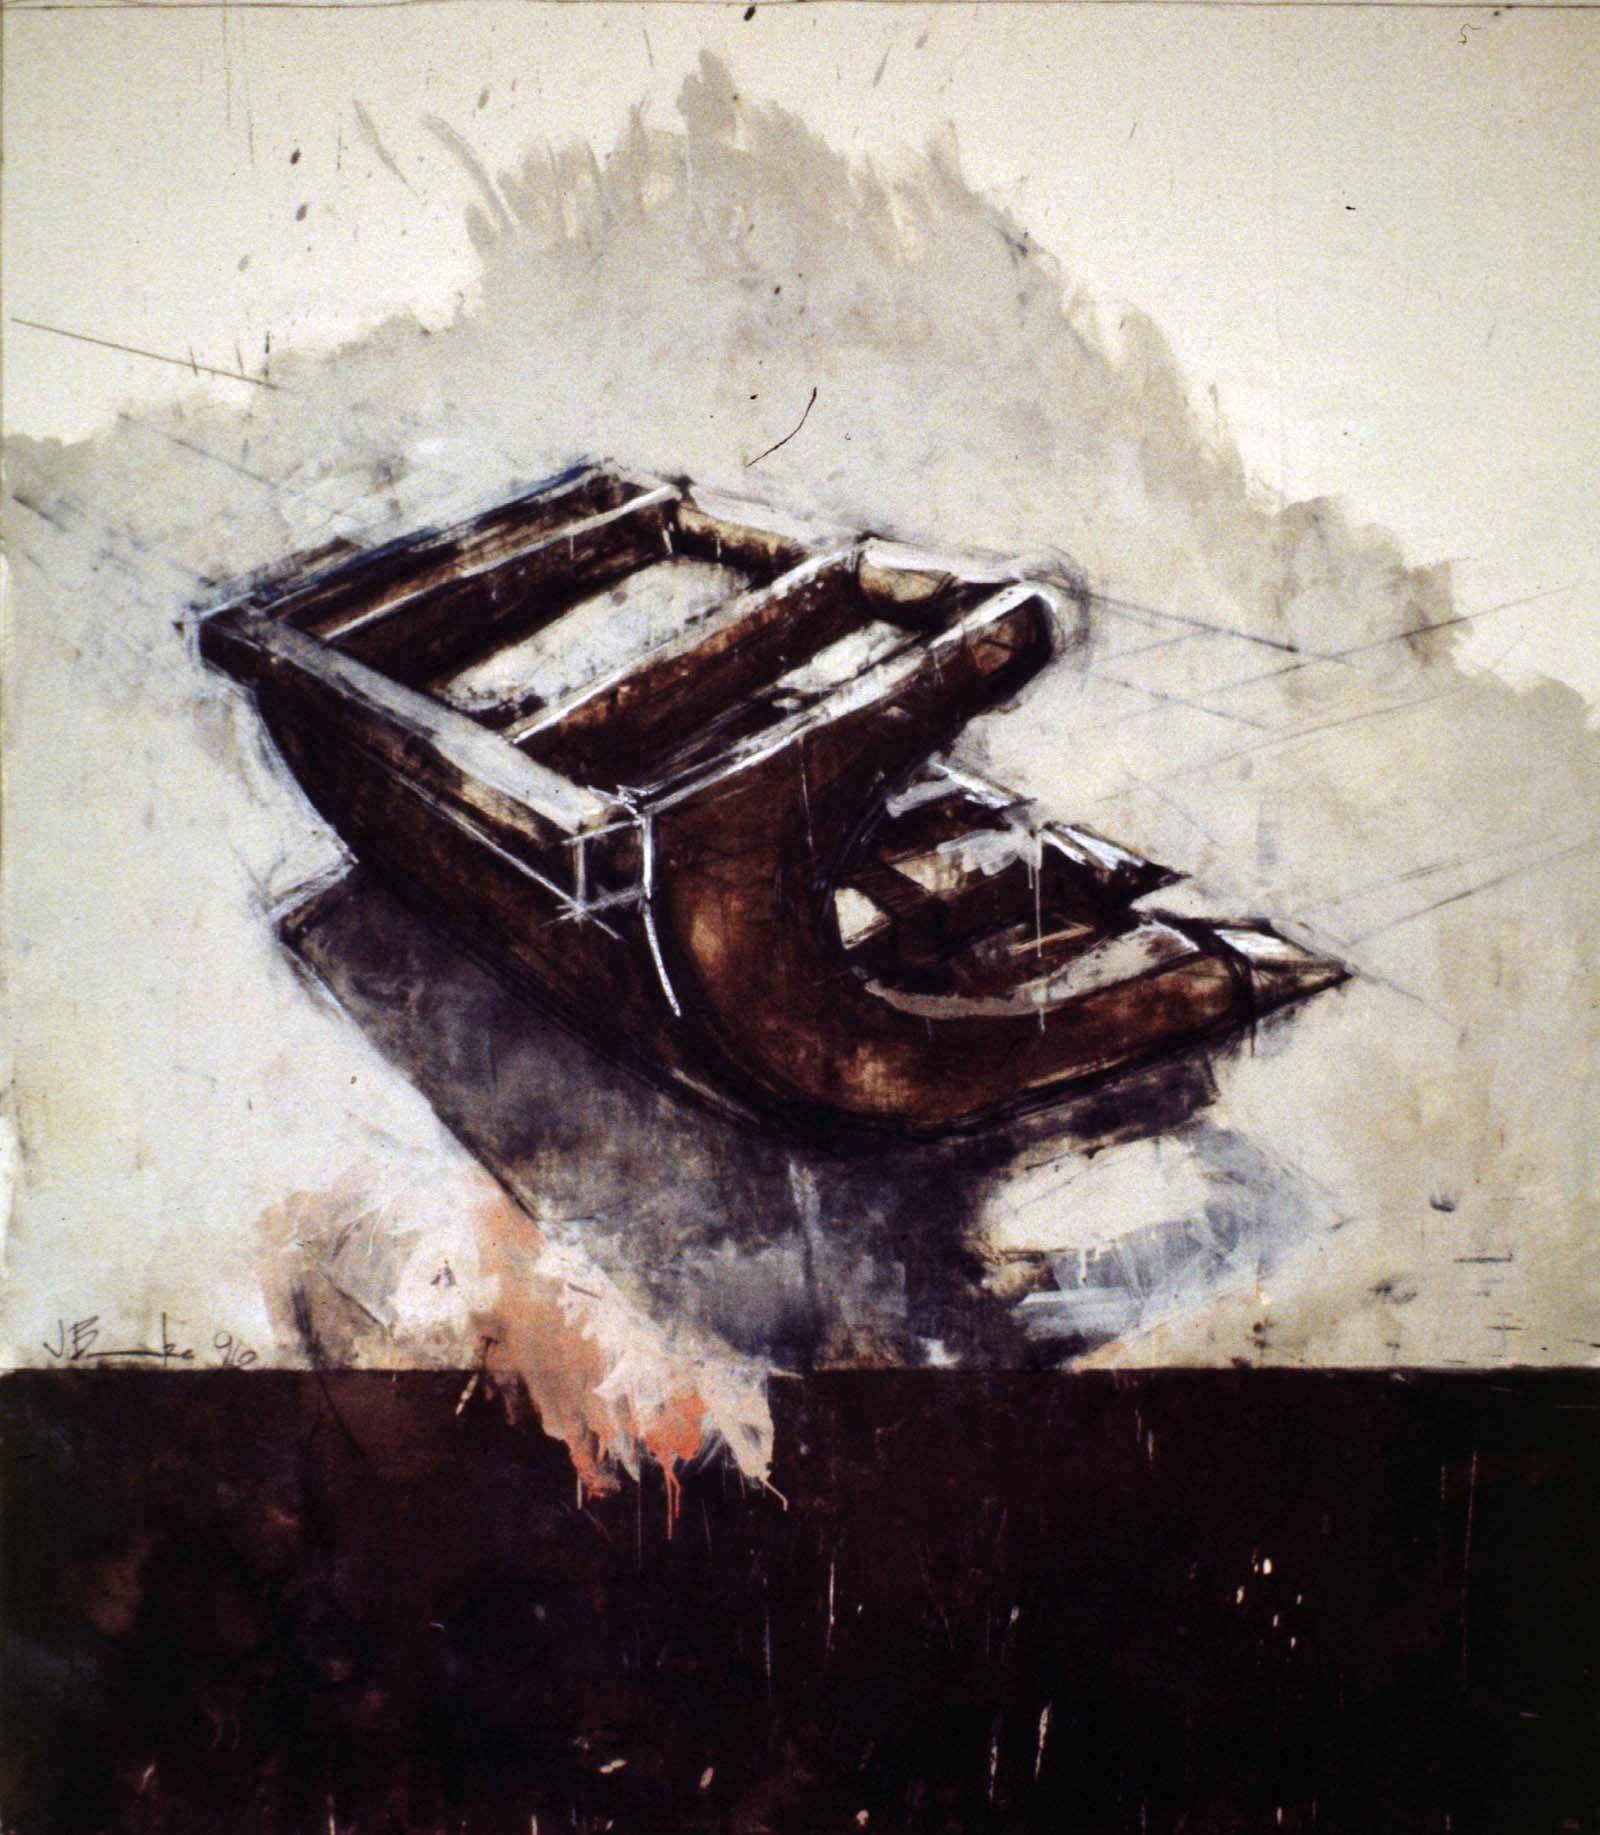 CLAW #2 (1999)